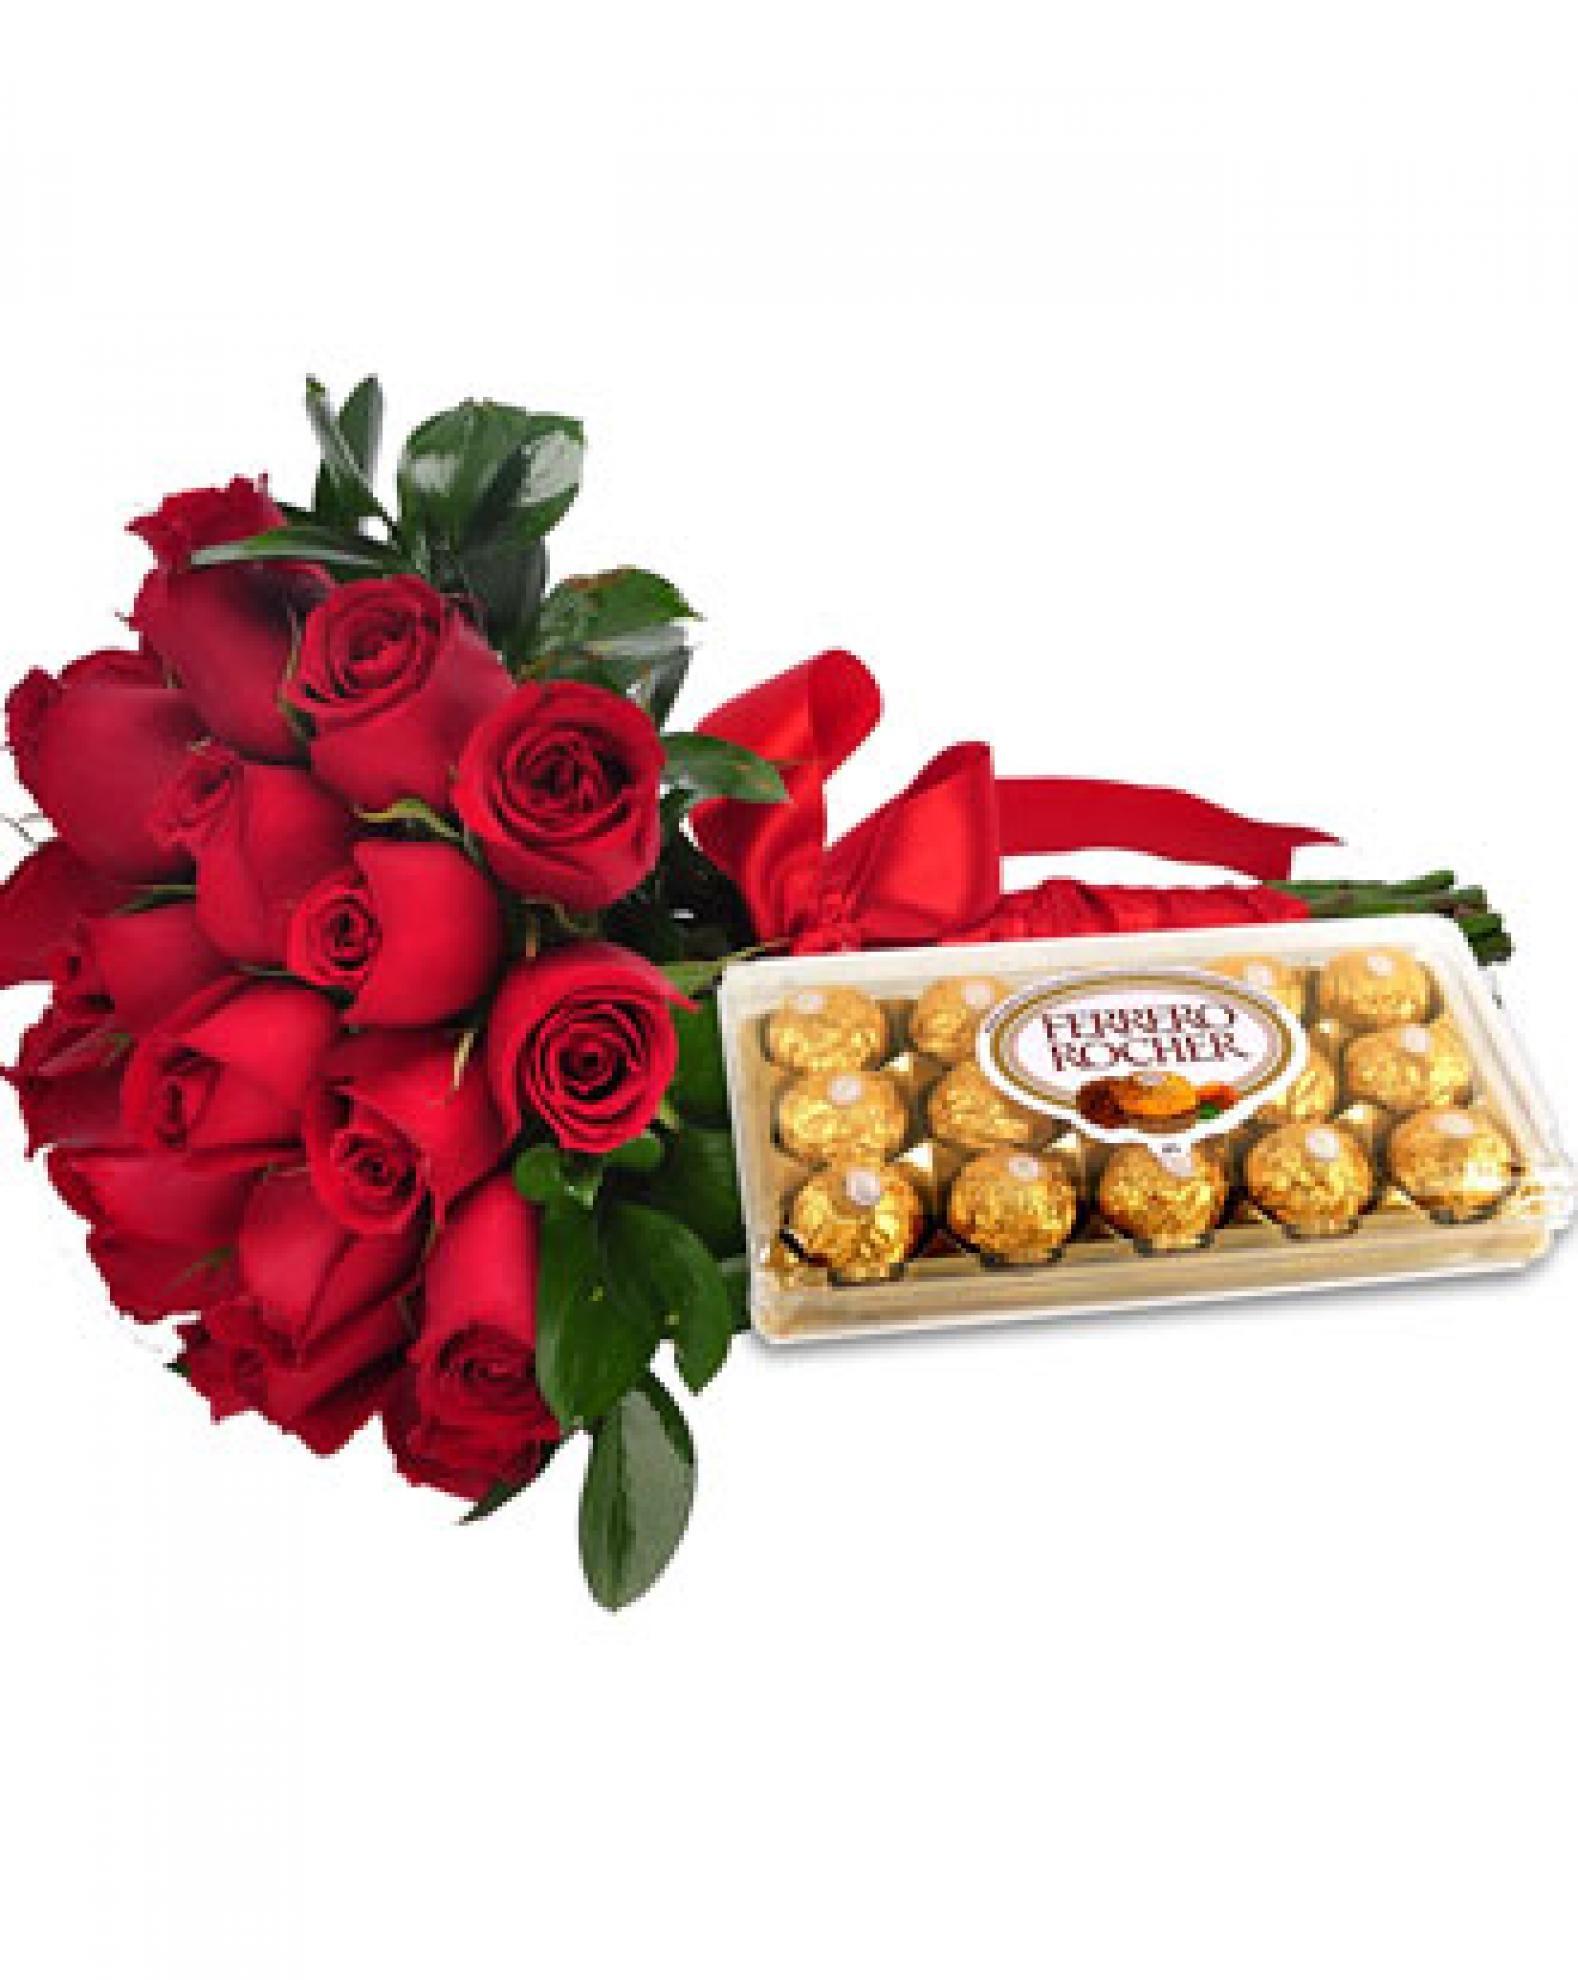 Buqu� 30 Rosas com Ferrero Rocher - AC12